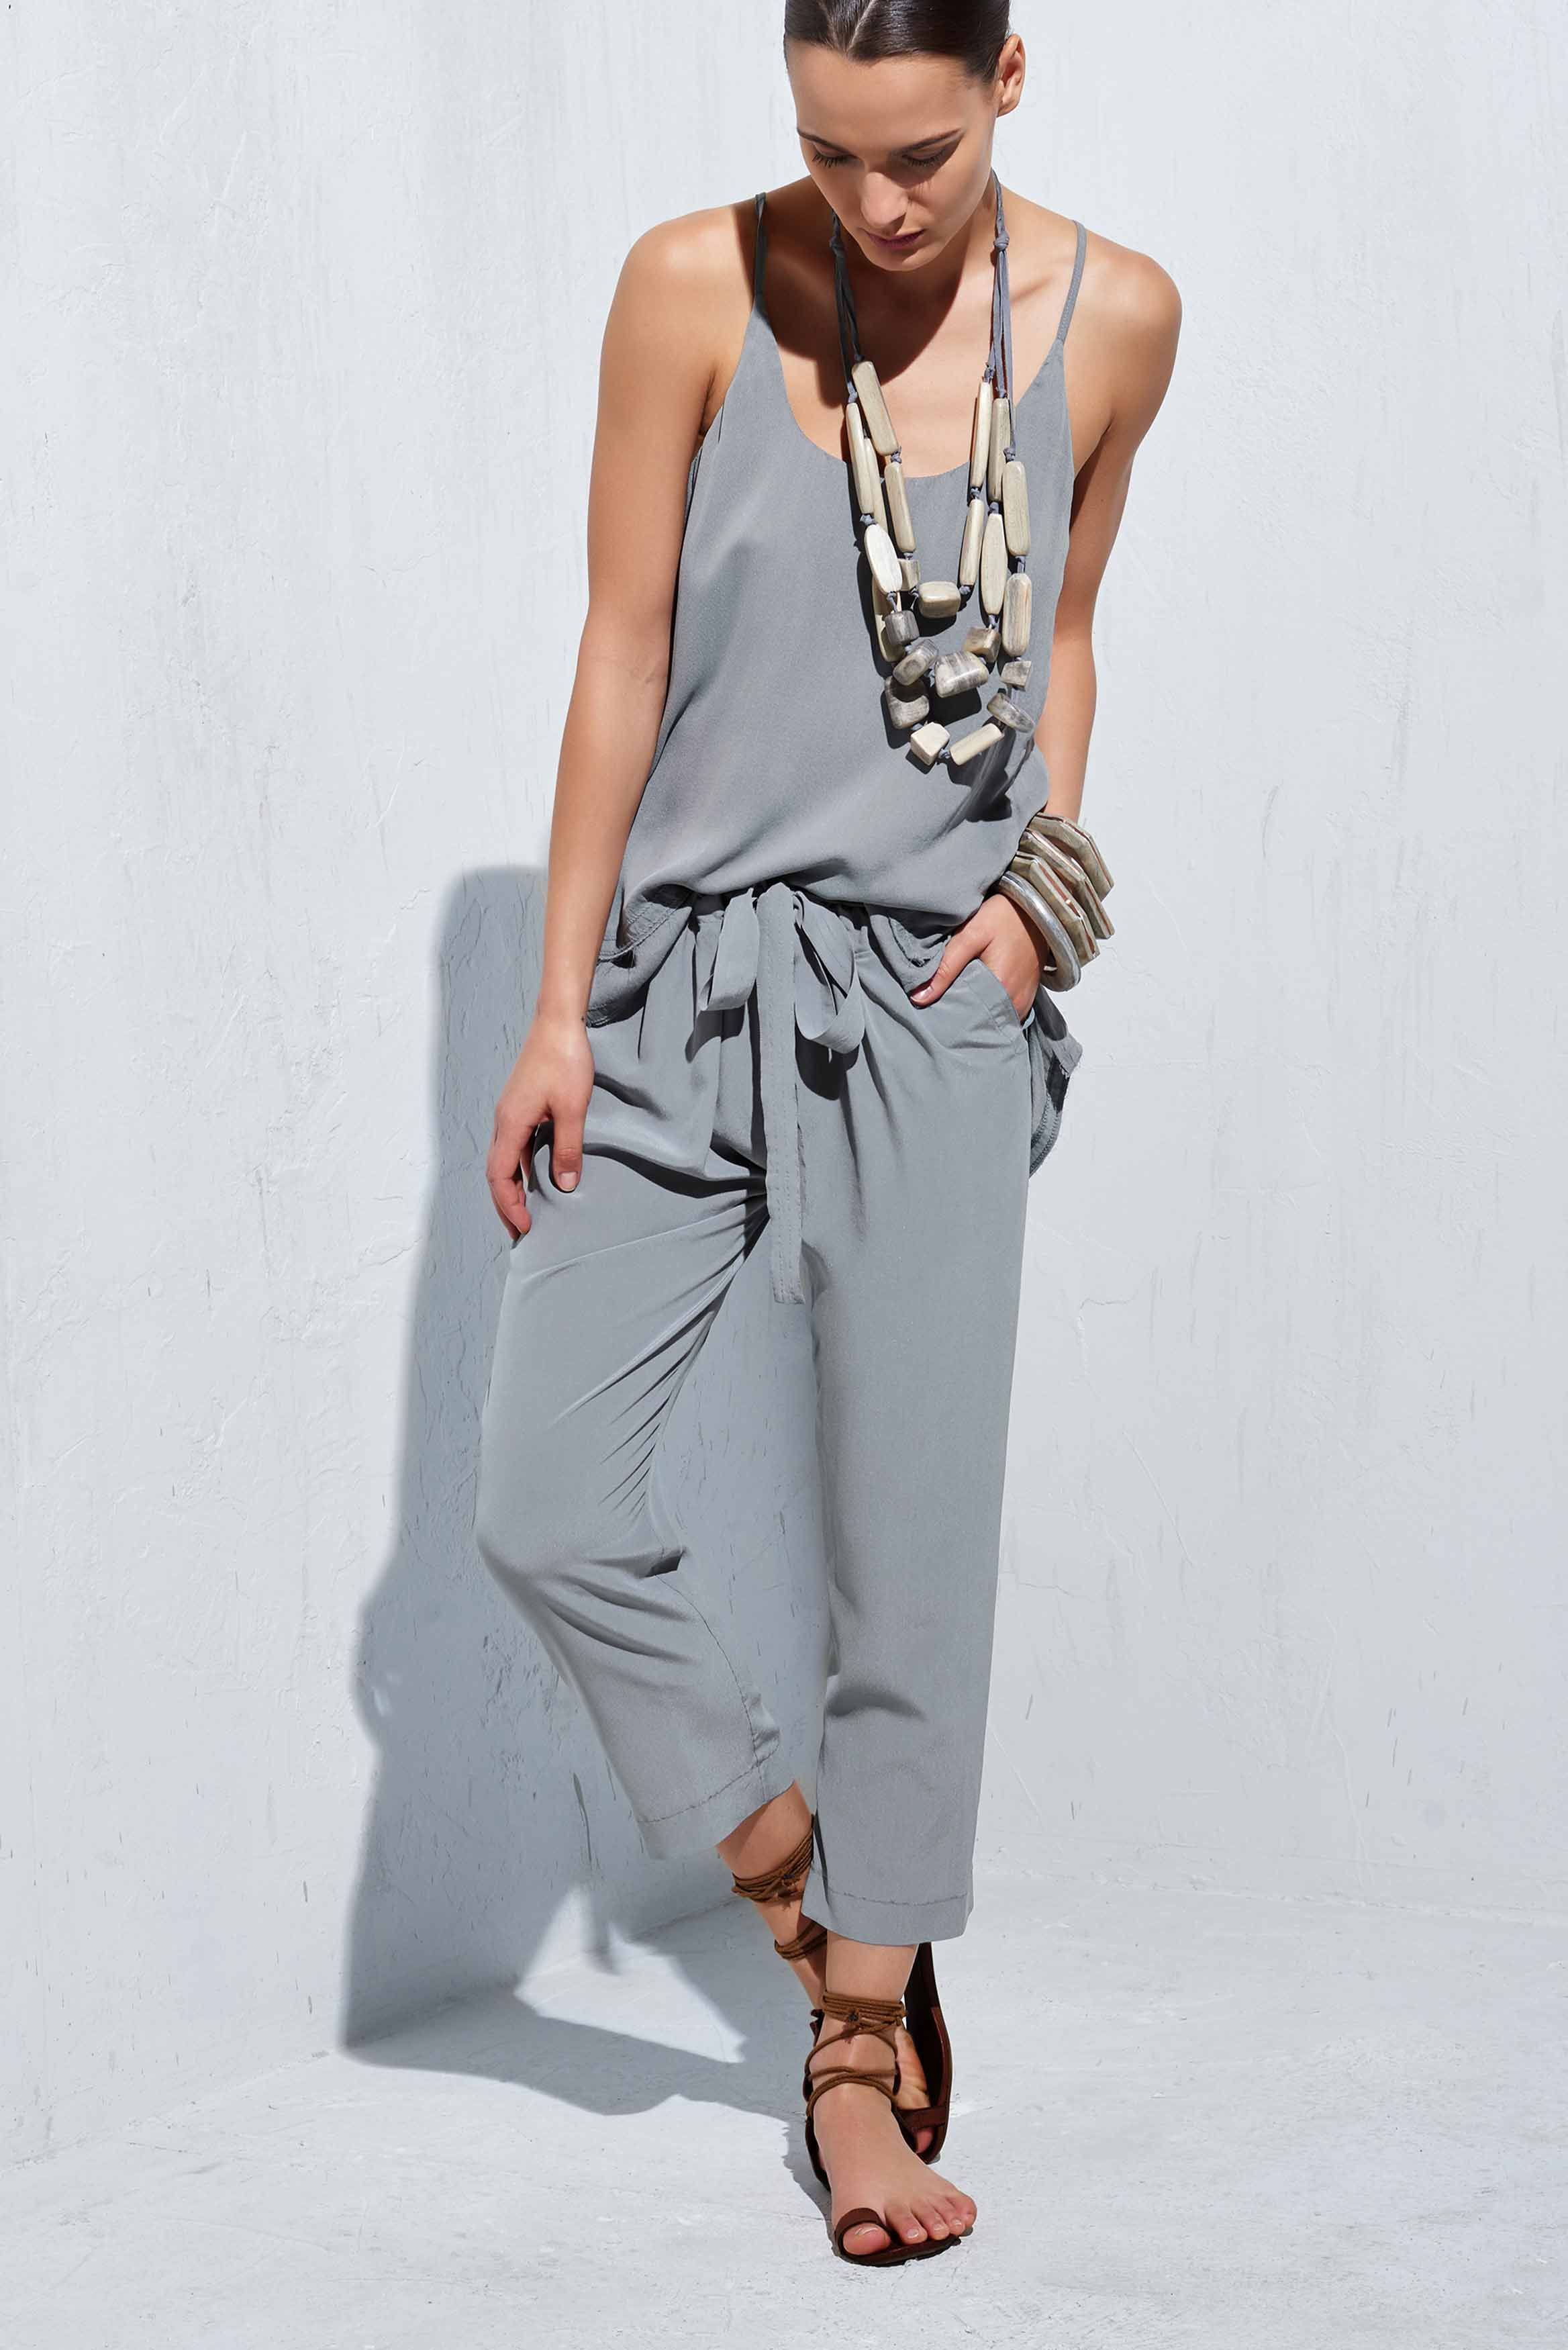 d7c23c527f Harmony Look 1 - Urban Zen Gianni Versace